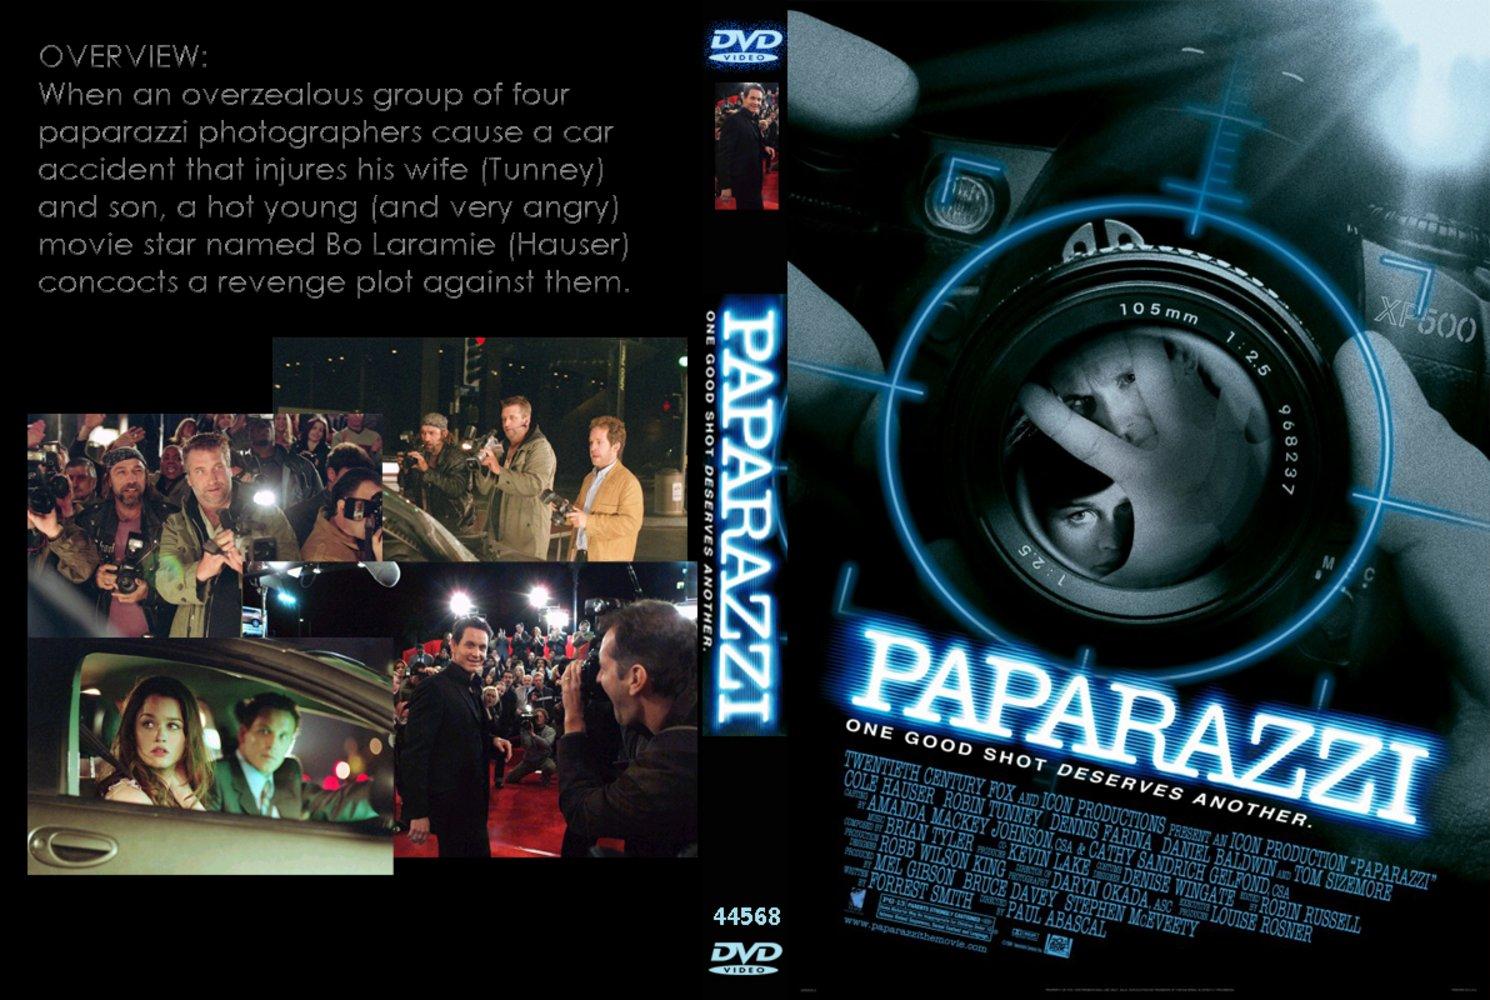 paparazzi movie